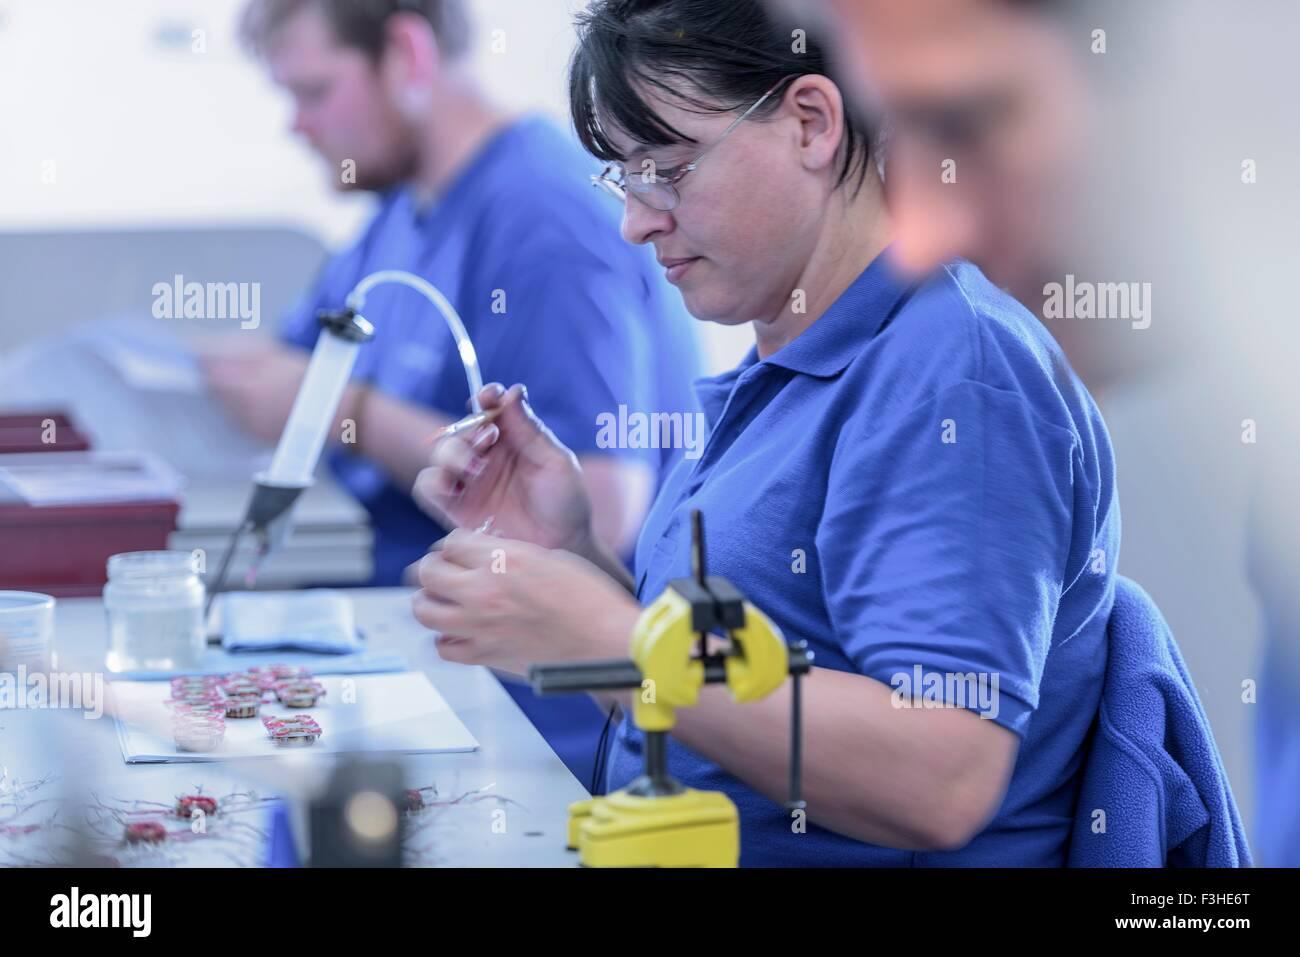 Arbeitnehmerin, die Montage von Elektromagneten auf Produktionslinie in Elektronik-Fabrik Stockbild